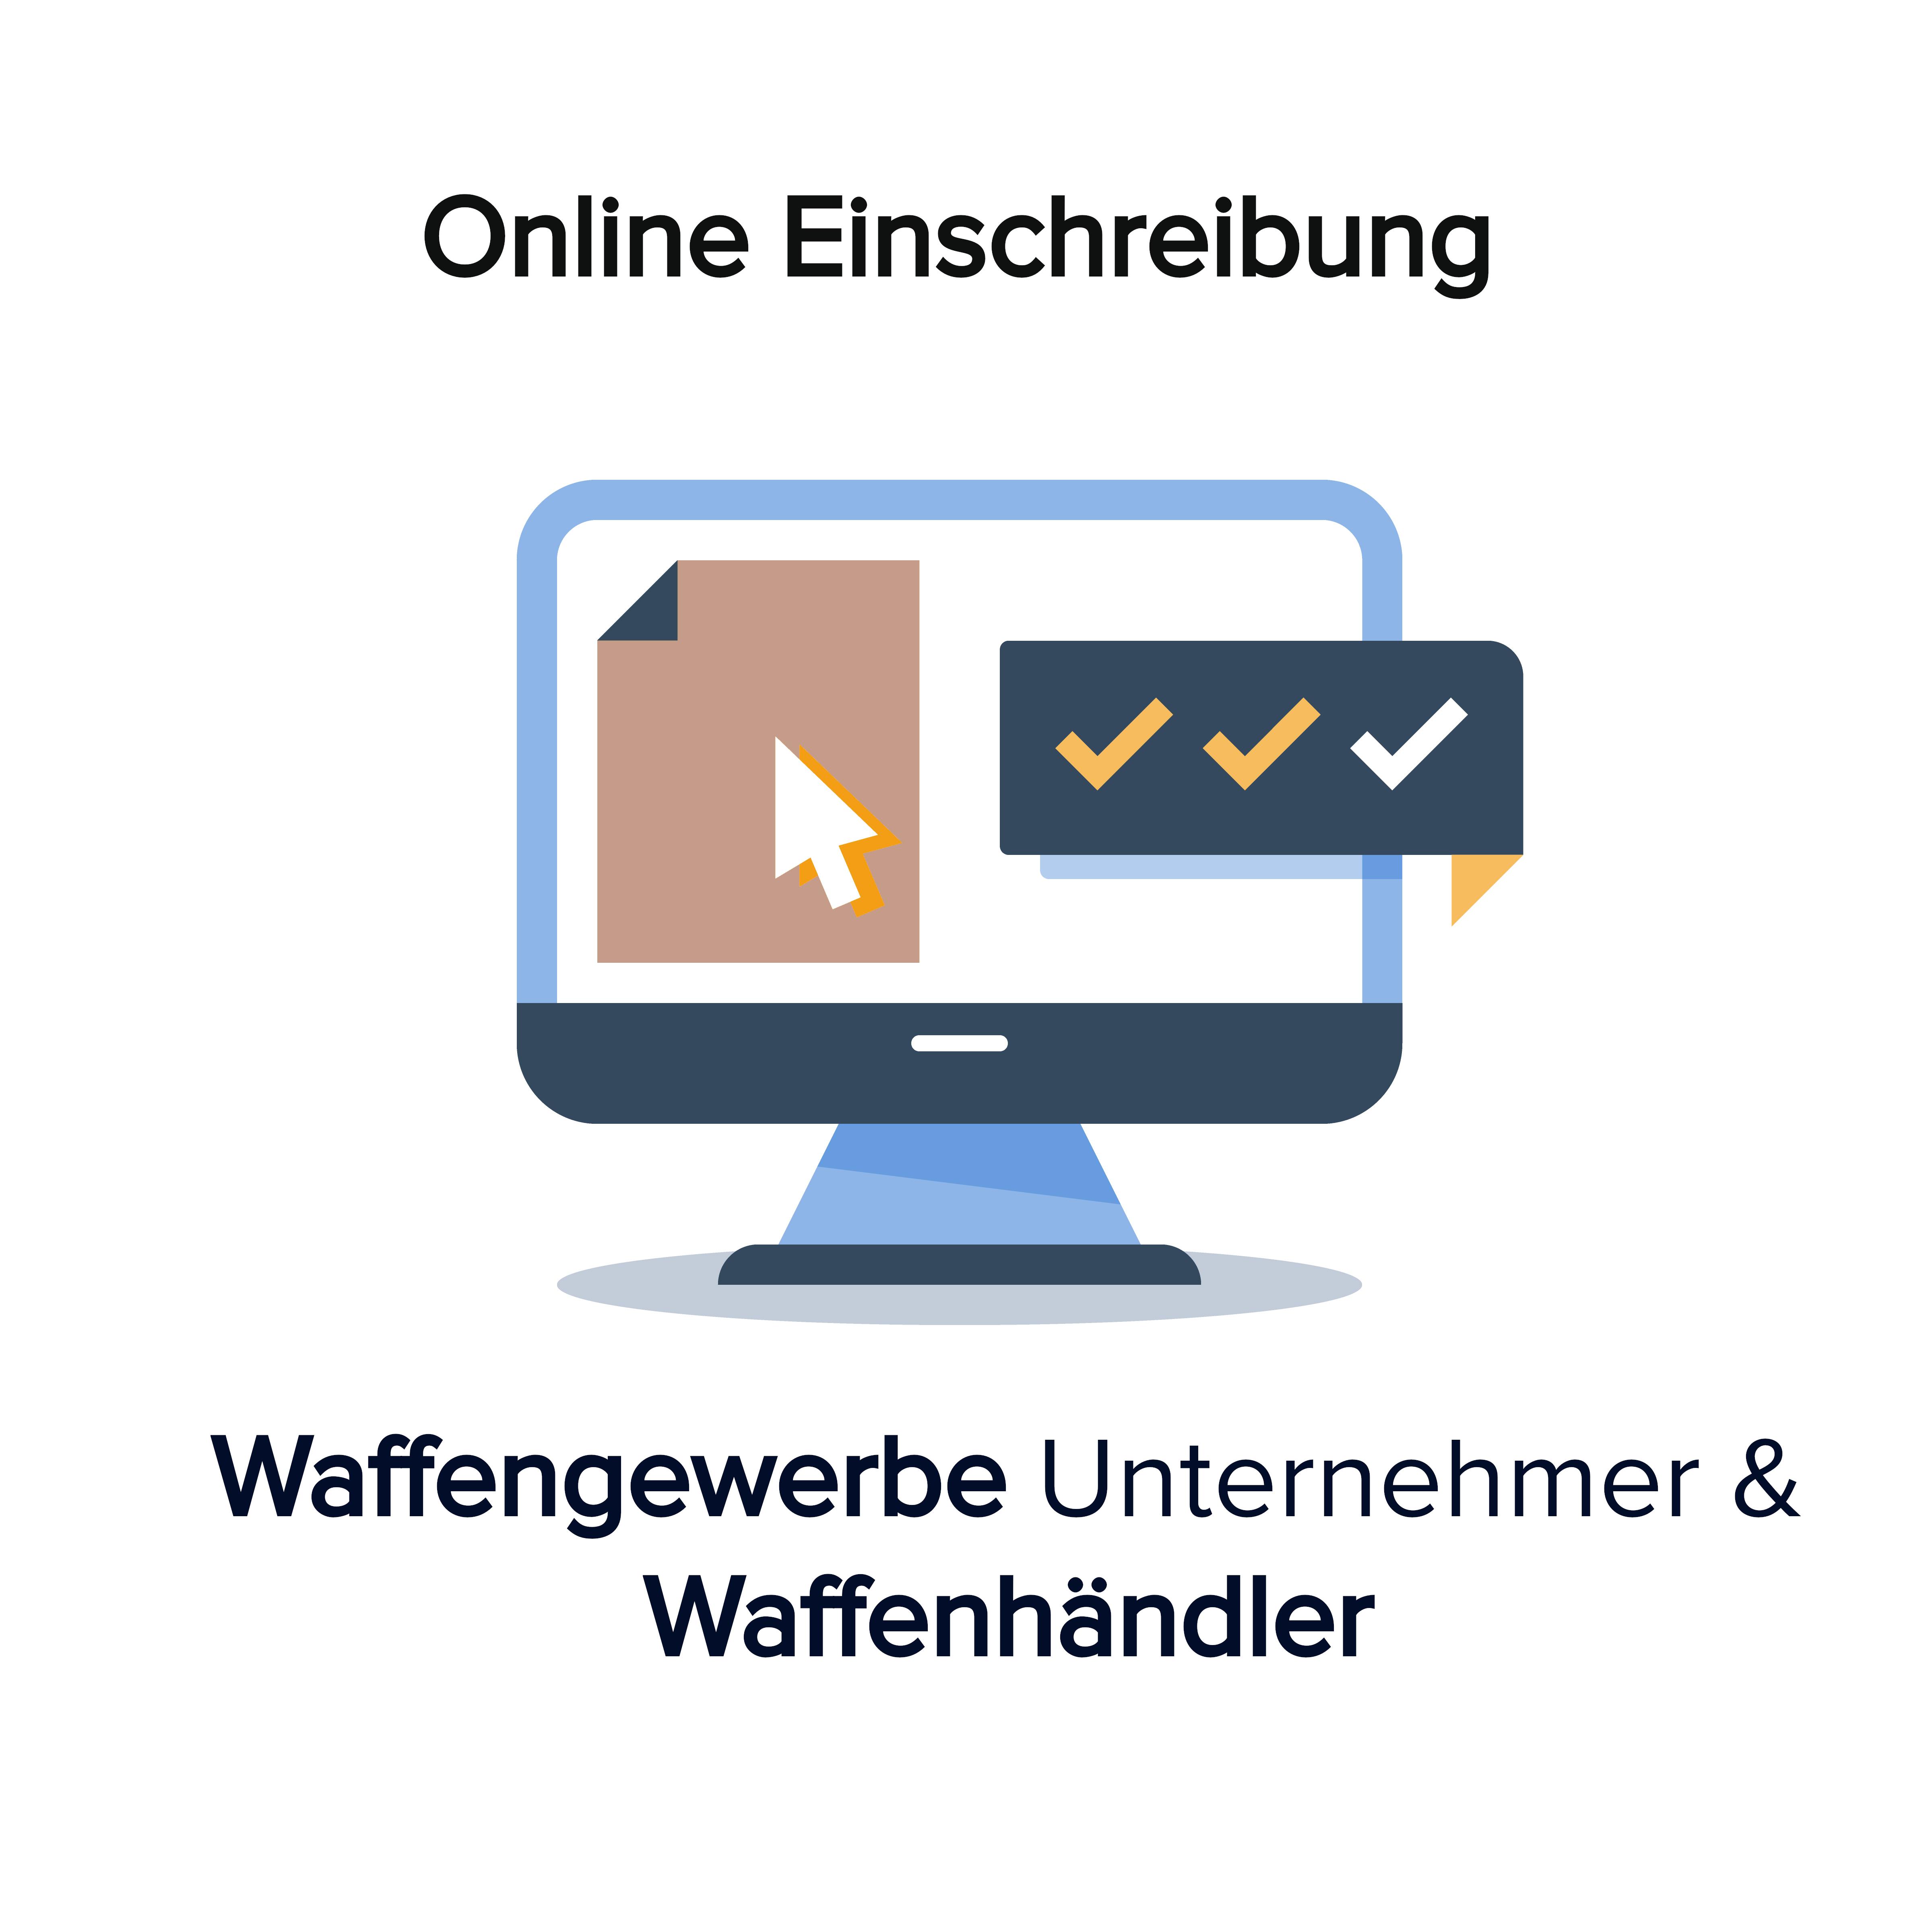 Online Kurs Einschreiben Waffenfachkunde Waffenhändler